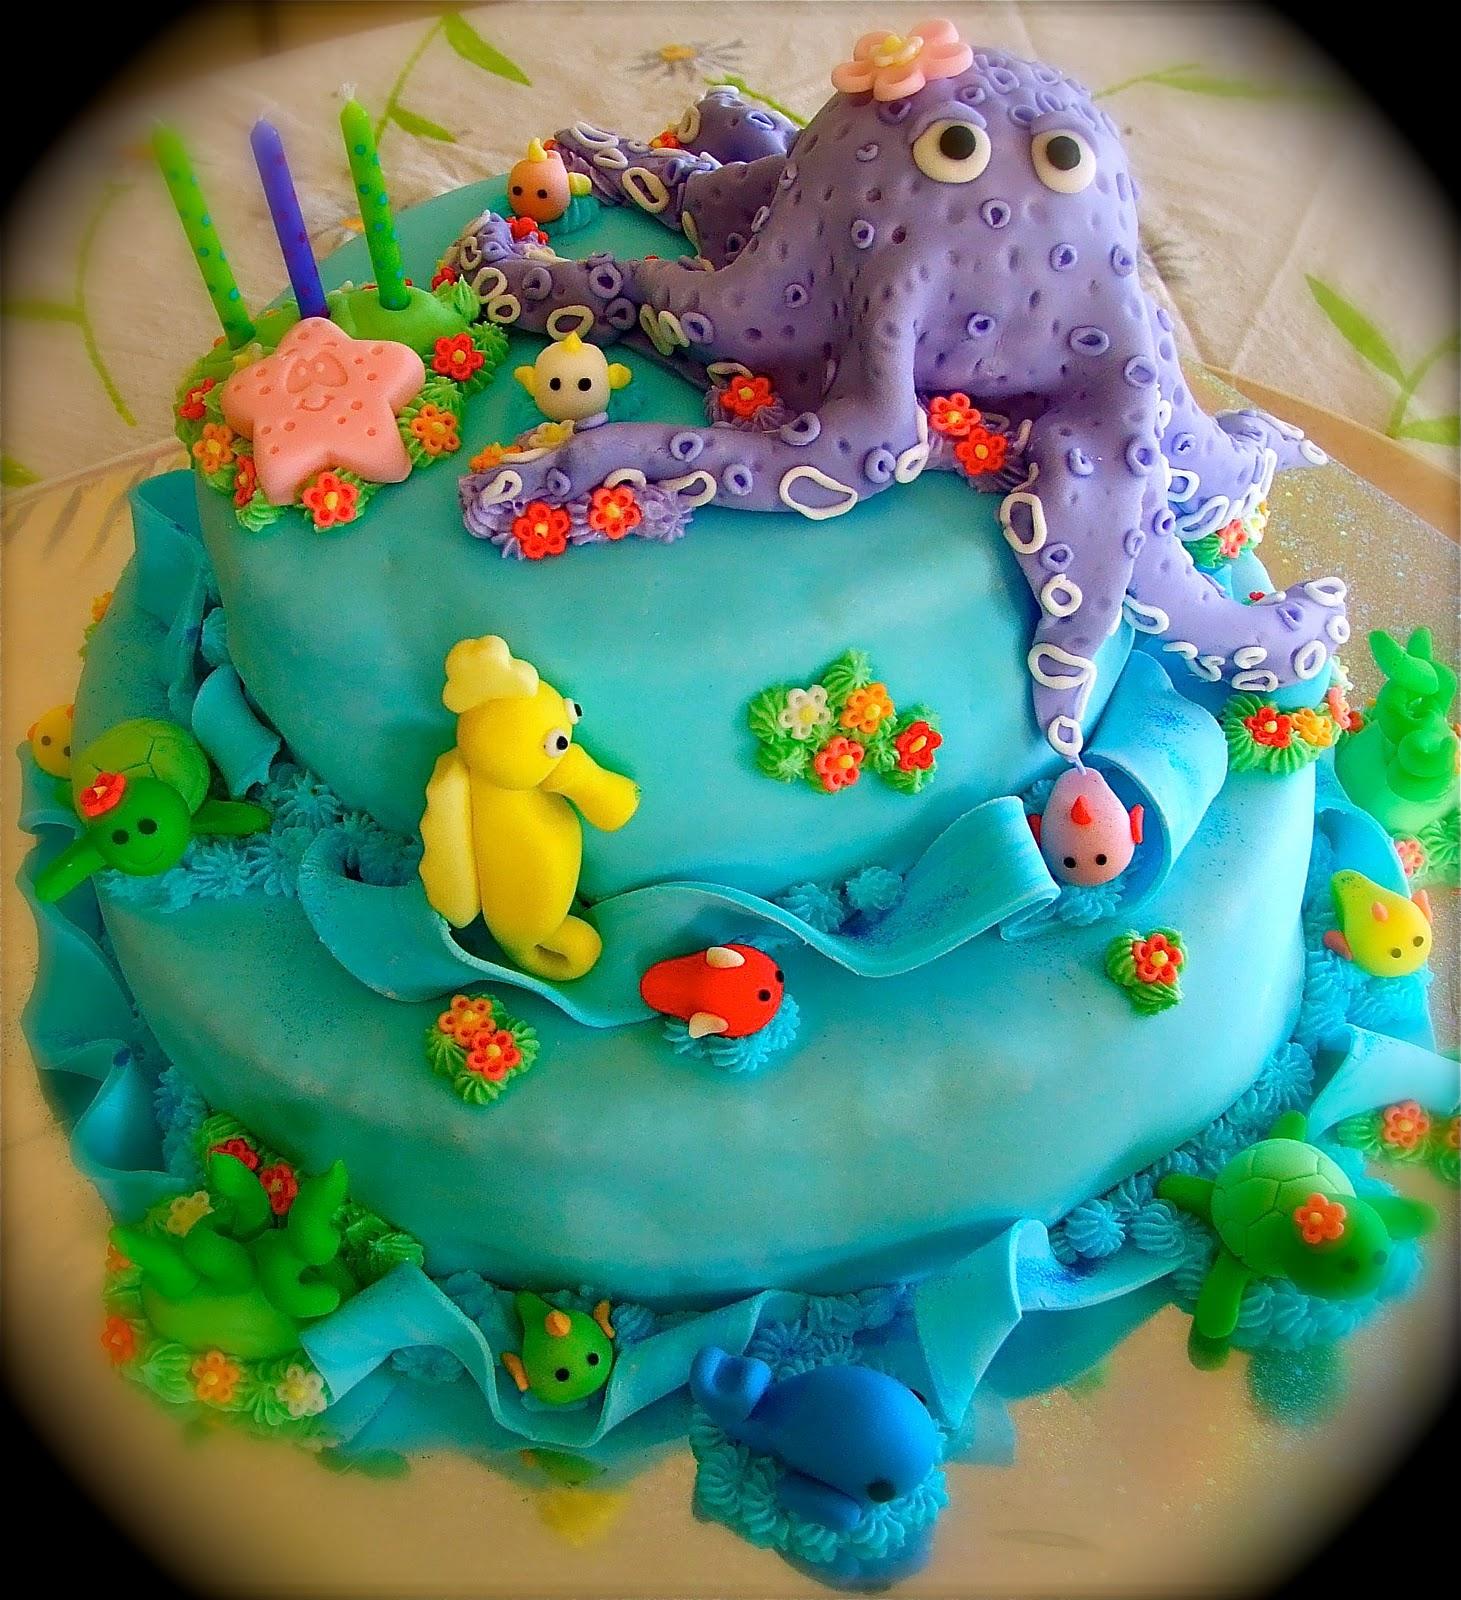 Dream Cakes Under The Sea Cake